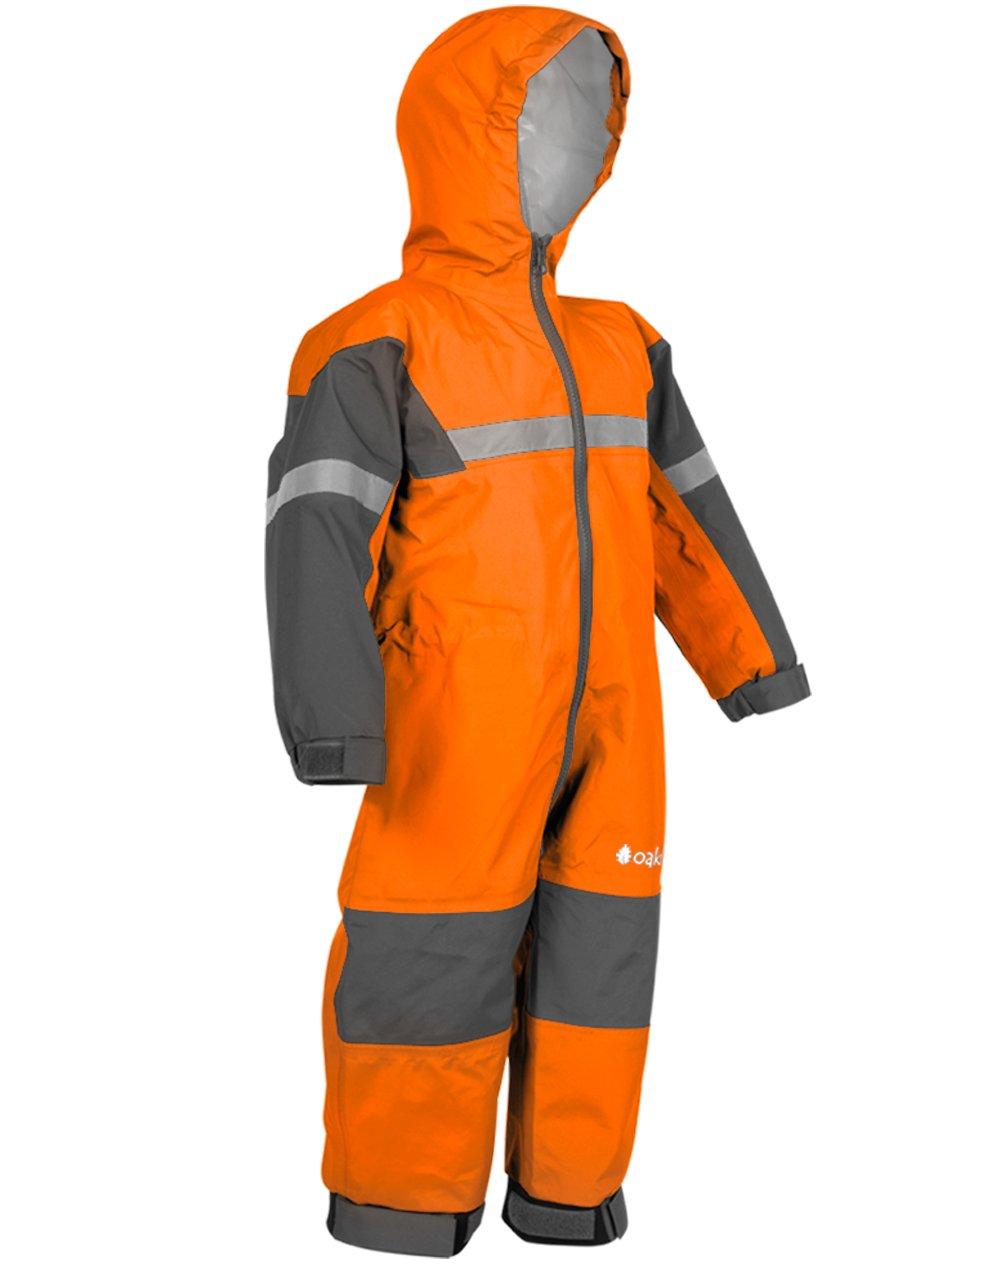 Oakiwear Kids One-Piece Waterproof Trail Rain Suit, Classic Orange, 2T Toddler